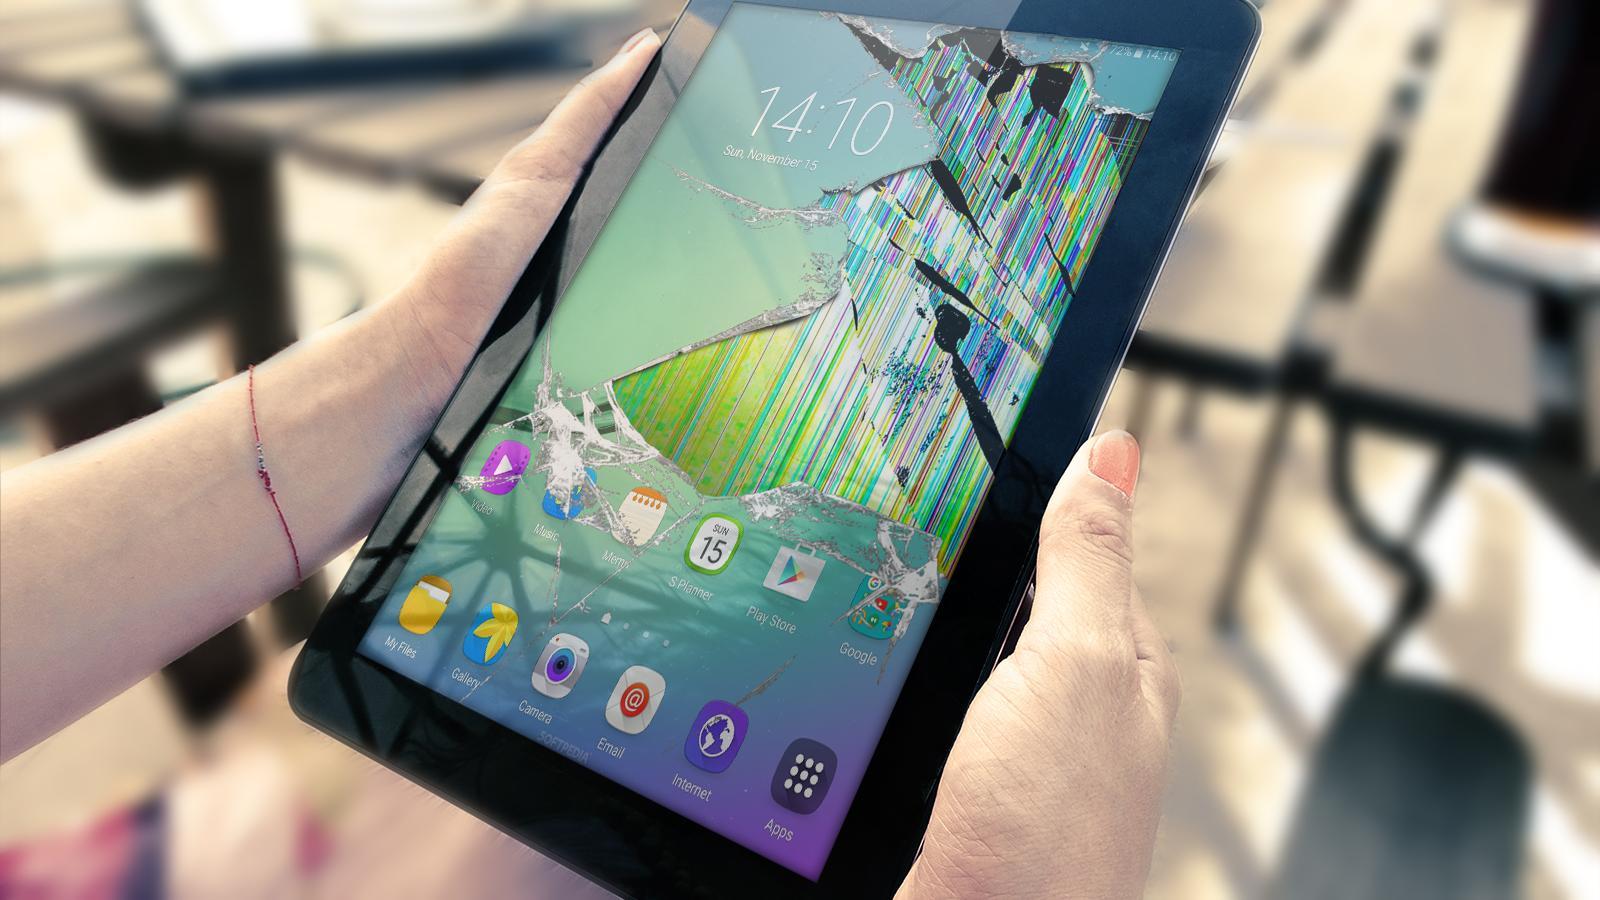 Ecran Casse Blague Joke Pour Android Telechargez L Apk